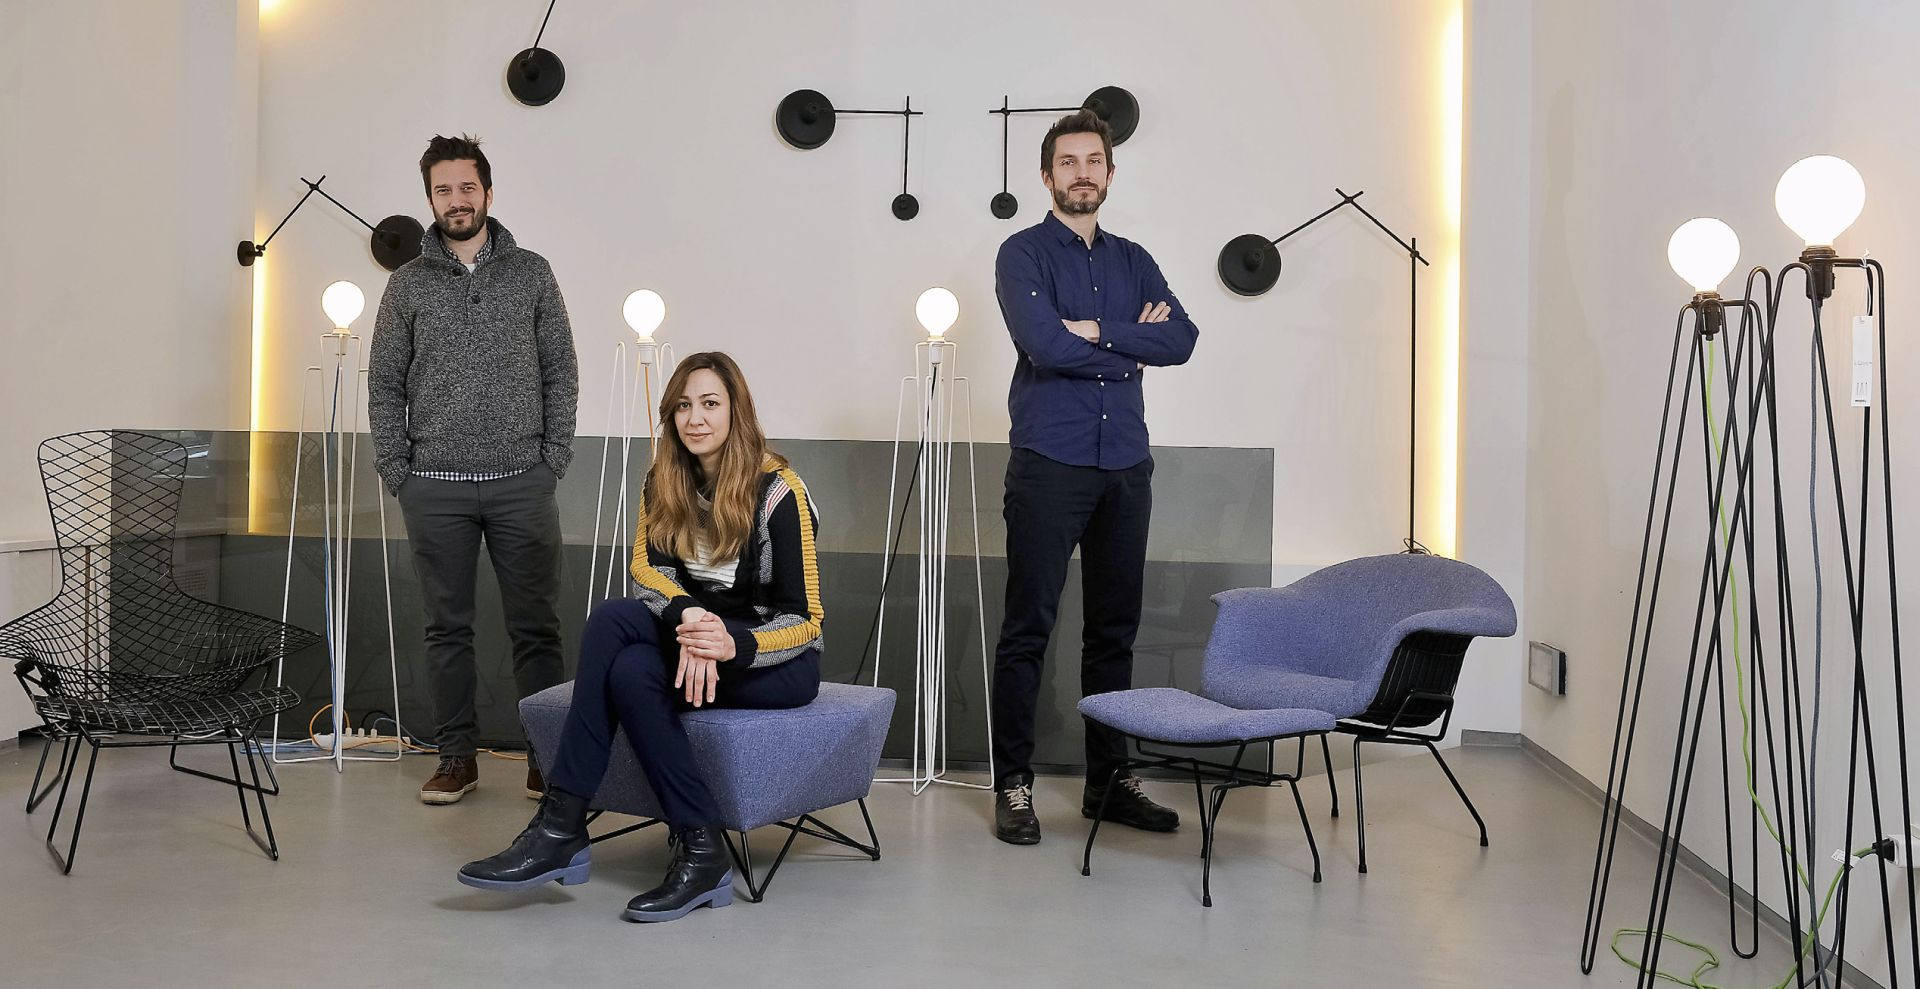 Zagrebačka Grupa sa svojim lampama ušla na prestižno skandinavsko tržište